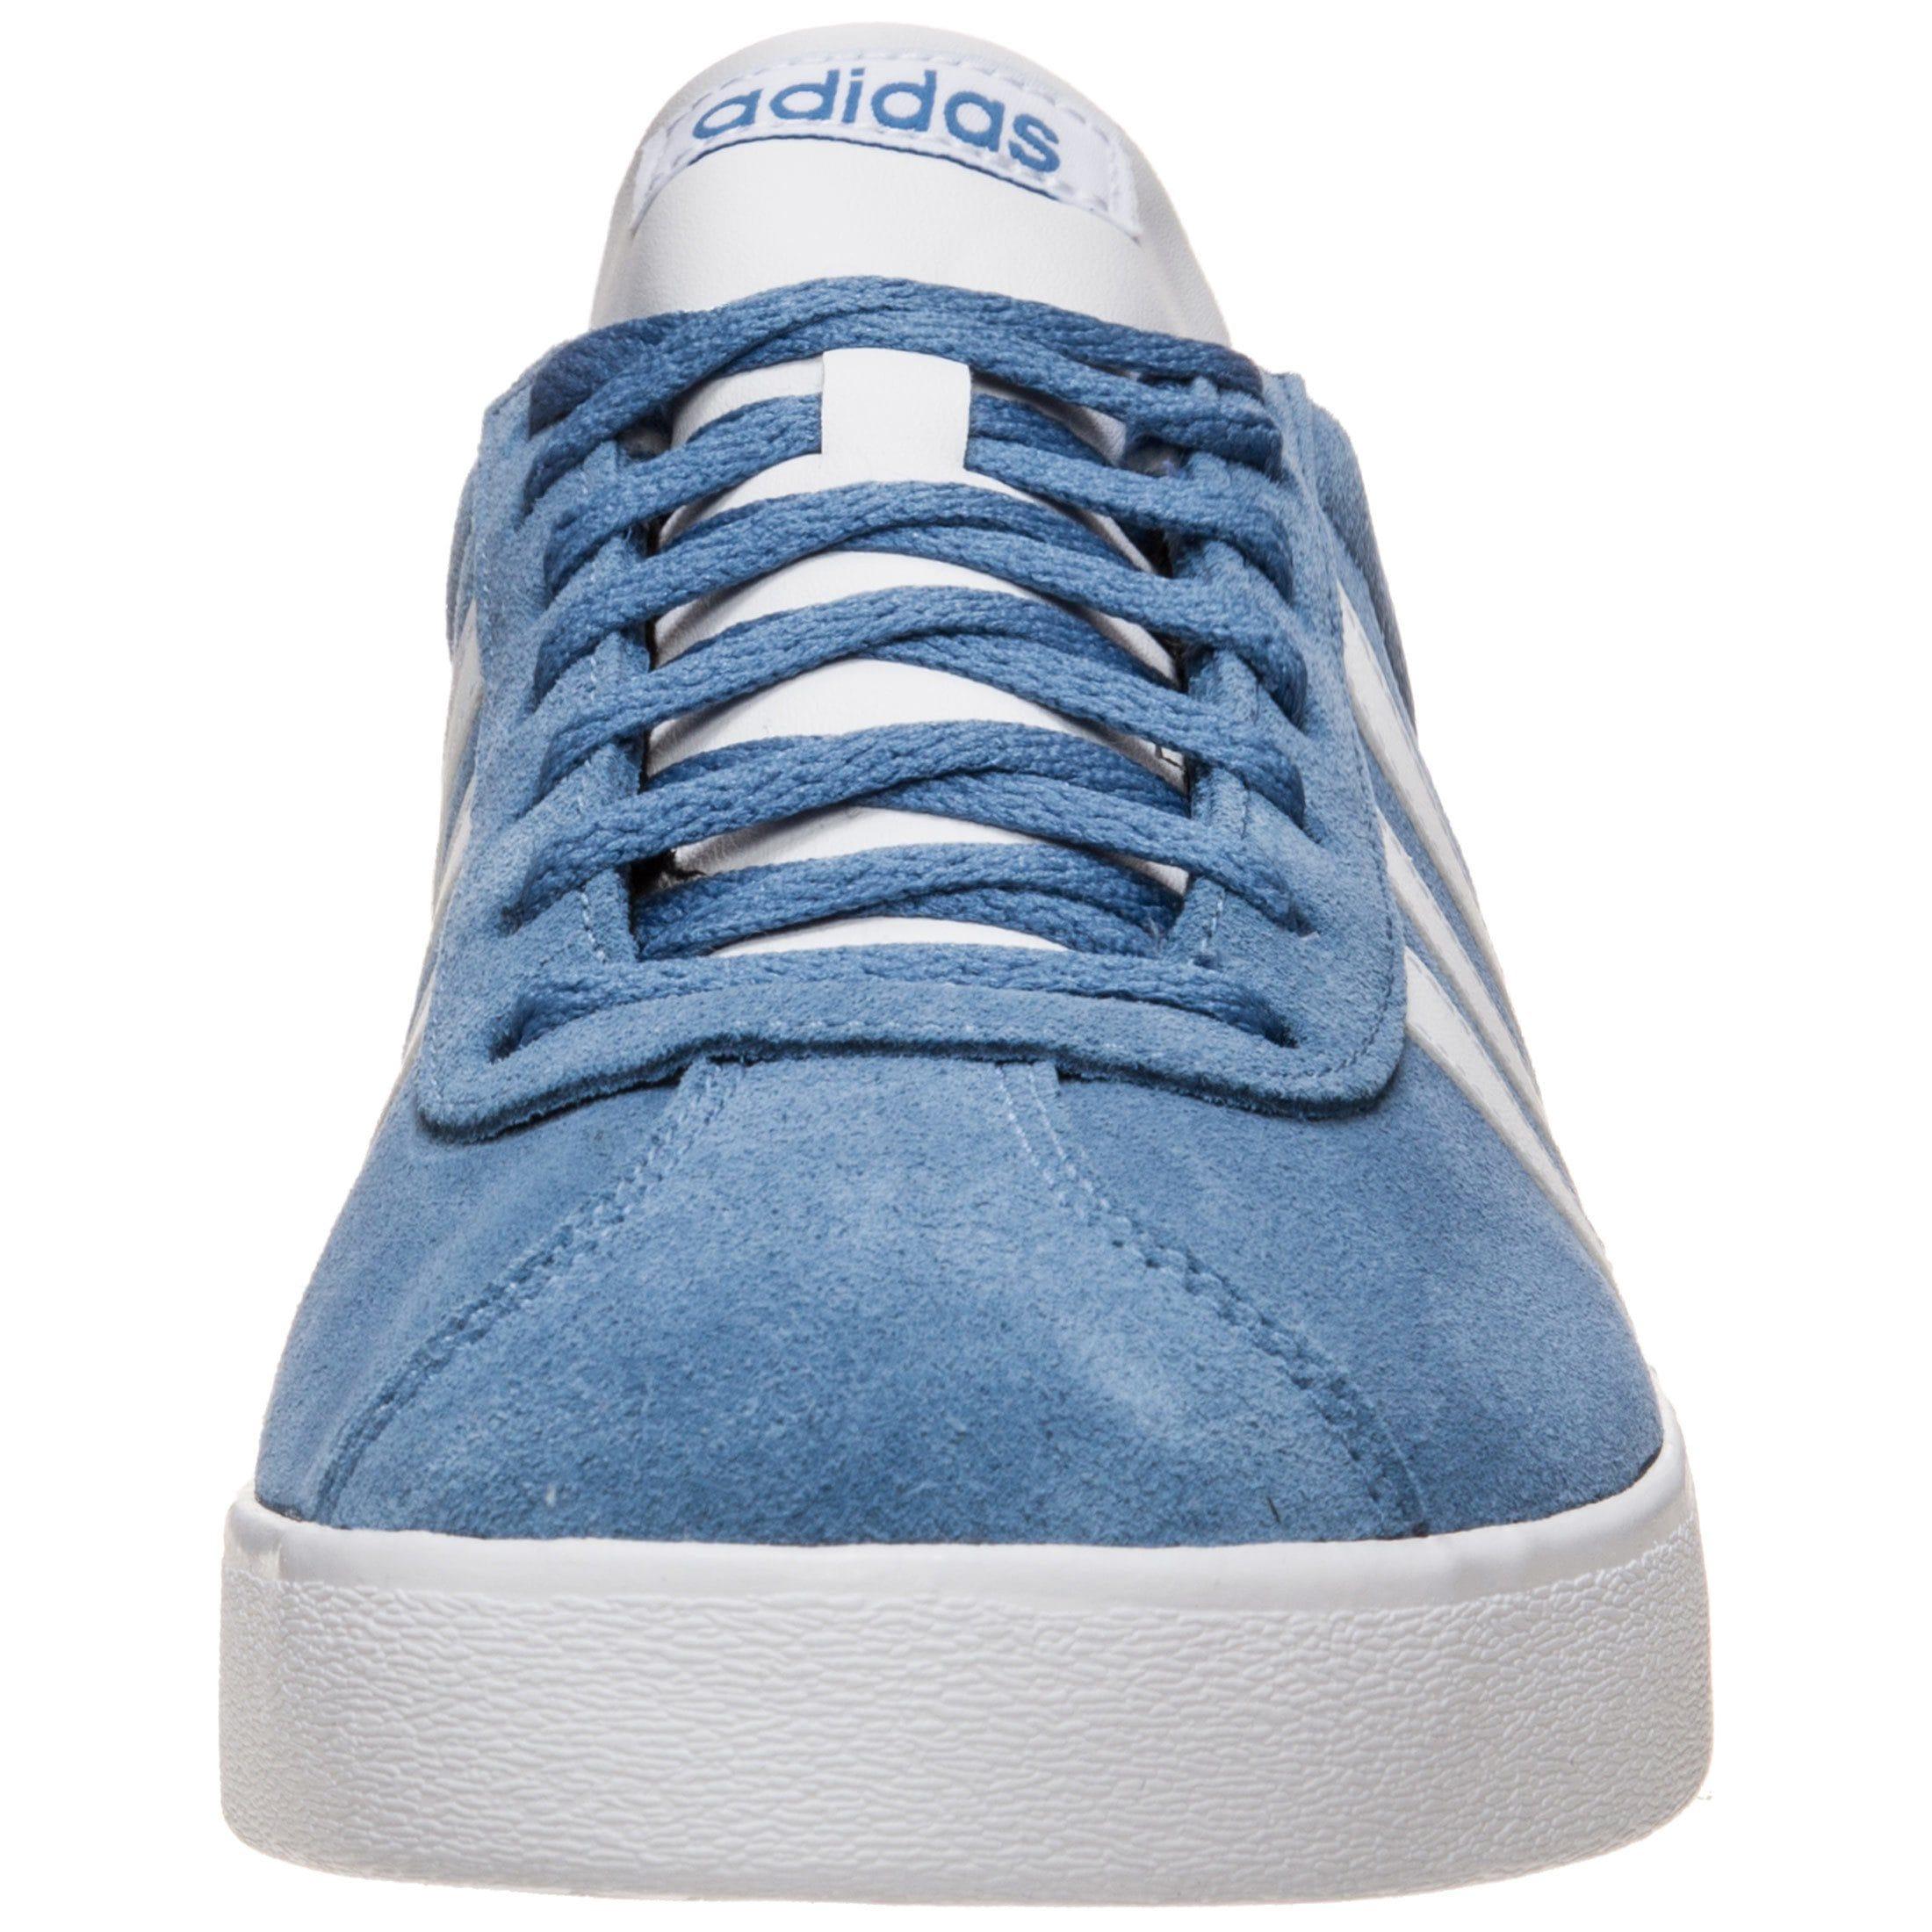 ... Adidas Originals Sneaker Vl Court 2.0 kaufen   es Gutes  Preis-Leistungs-Verhältnis, ... 942ce57811